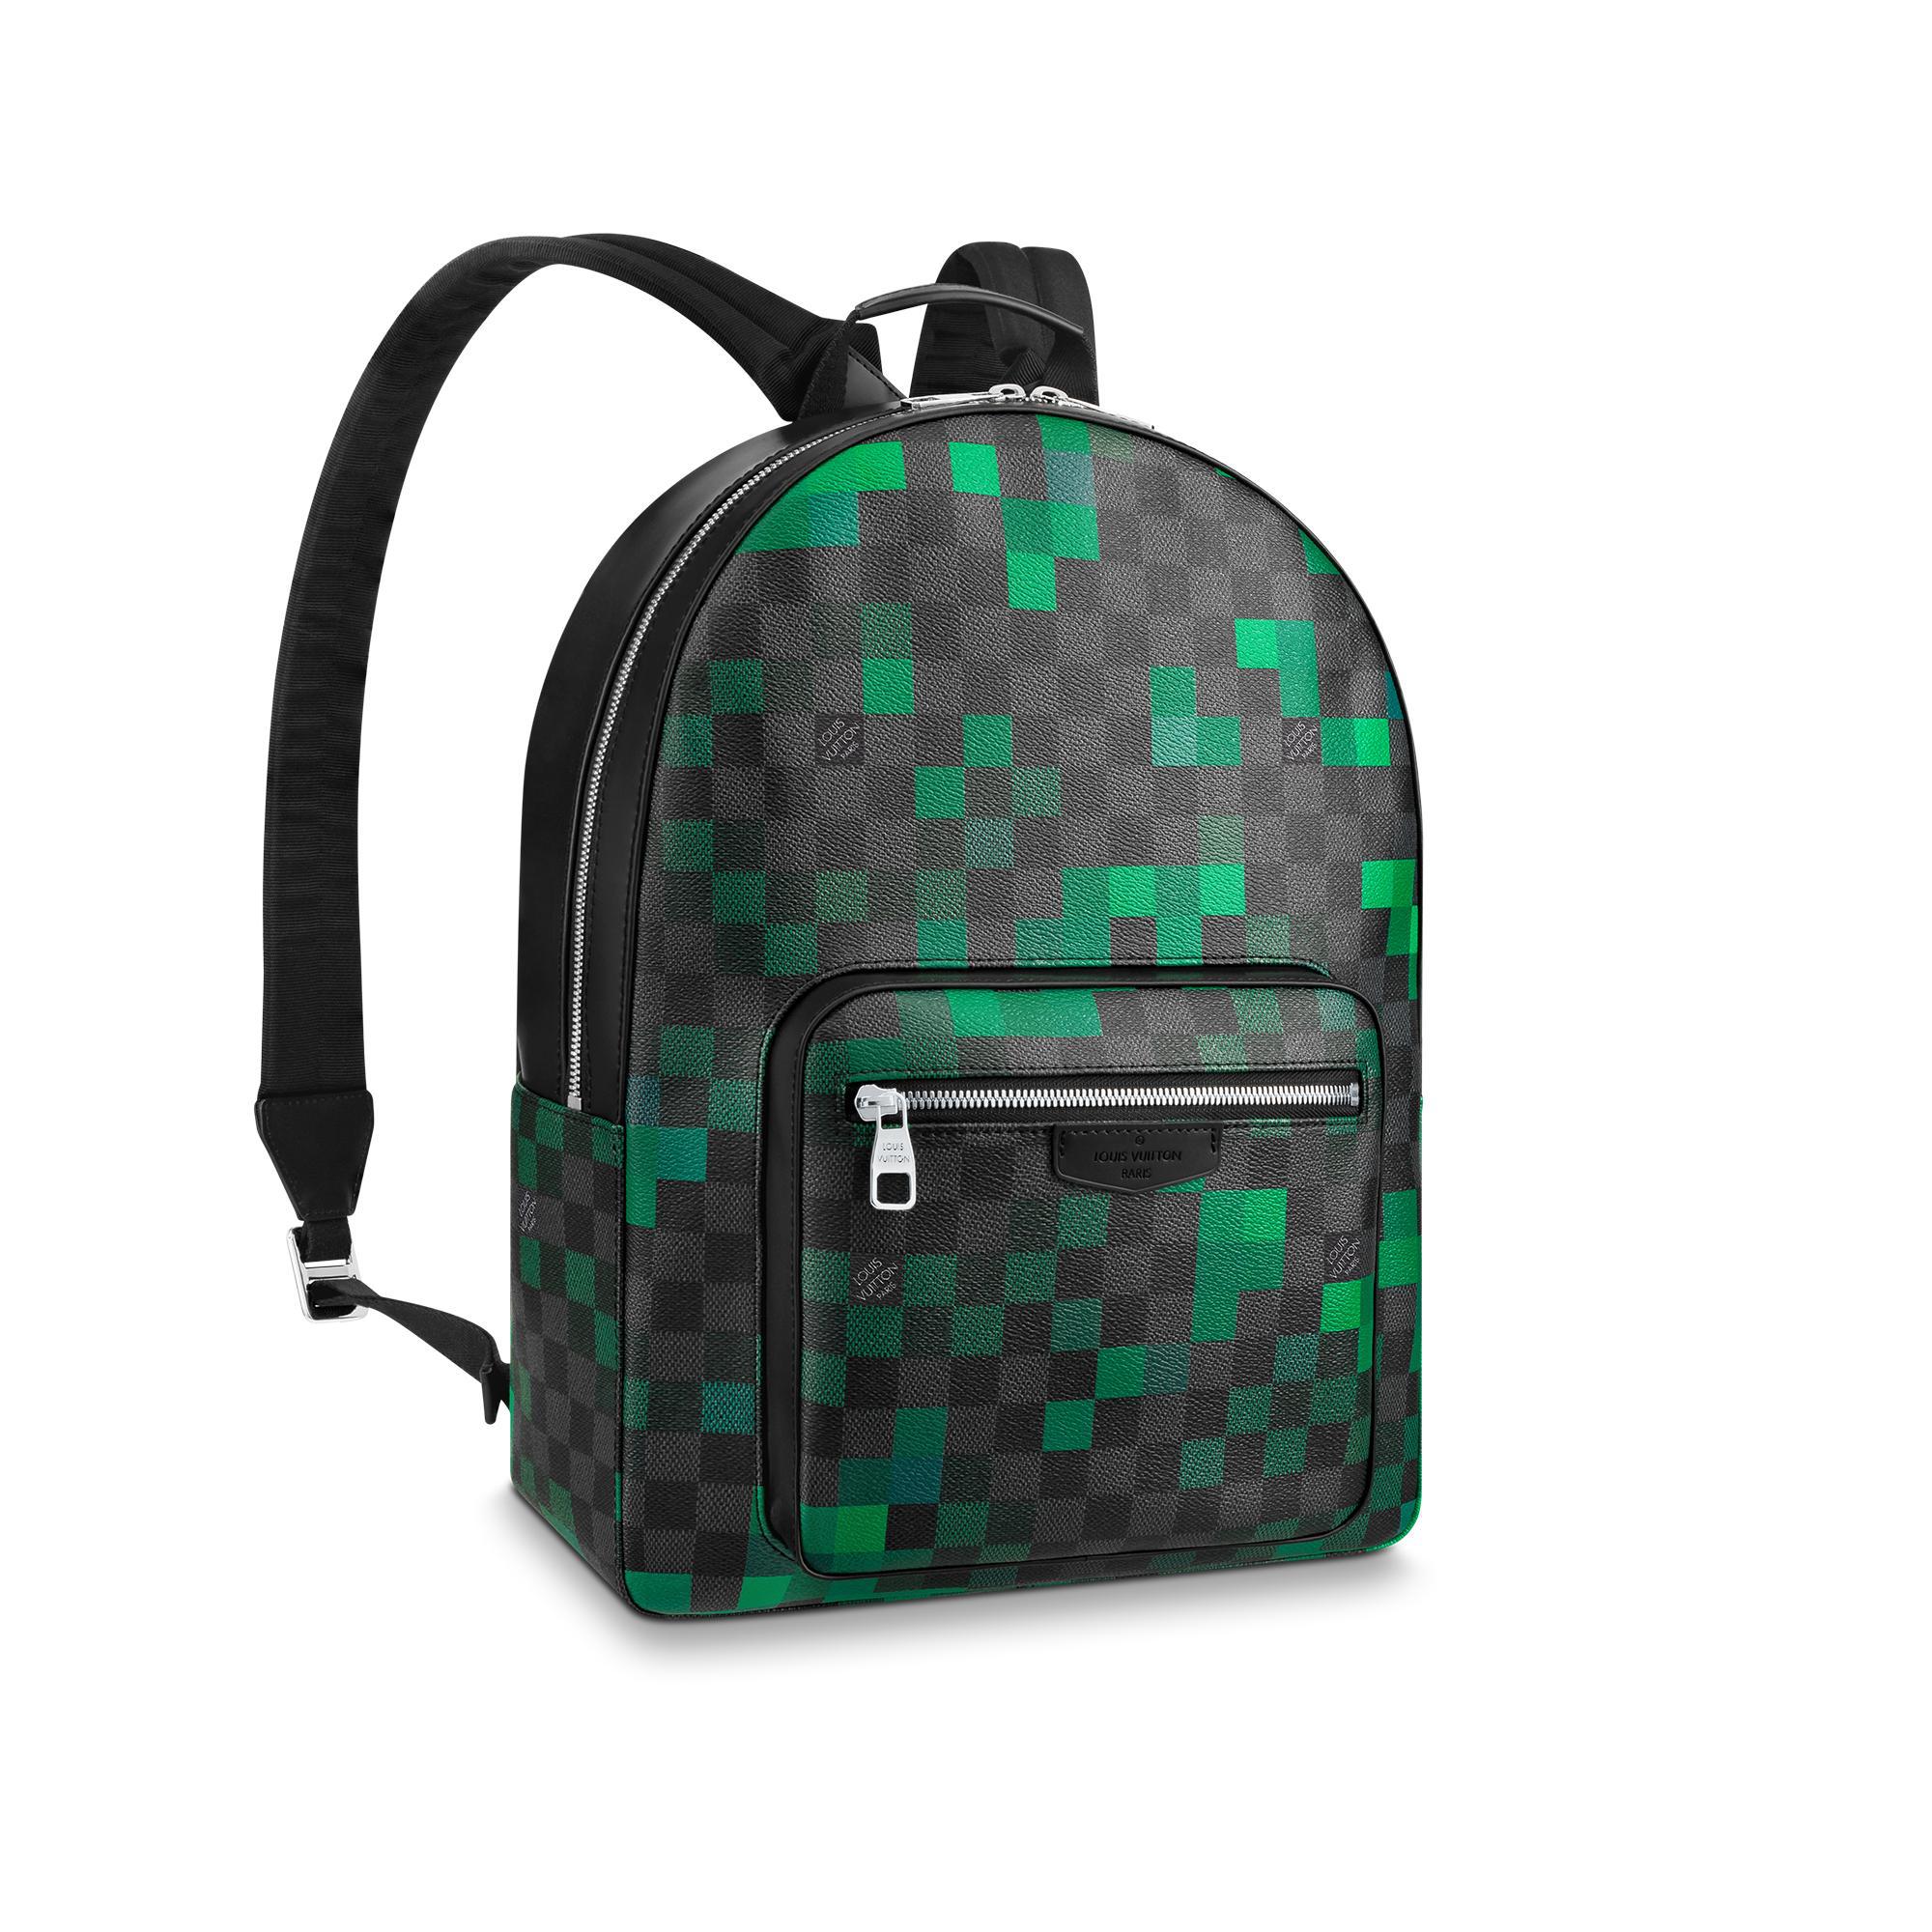 Louis Vuitton Josh Backpack In Damier Graphite Canvas d3e64a0c6fc46